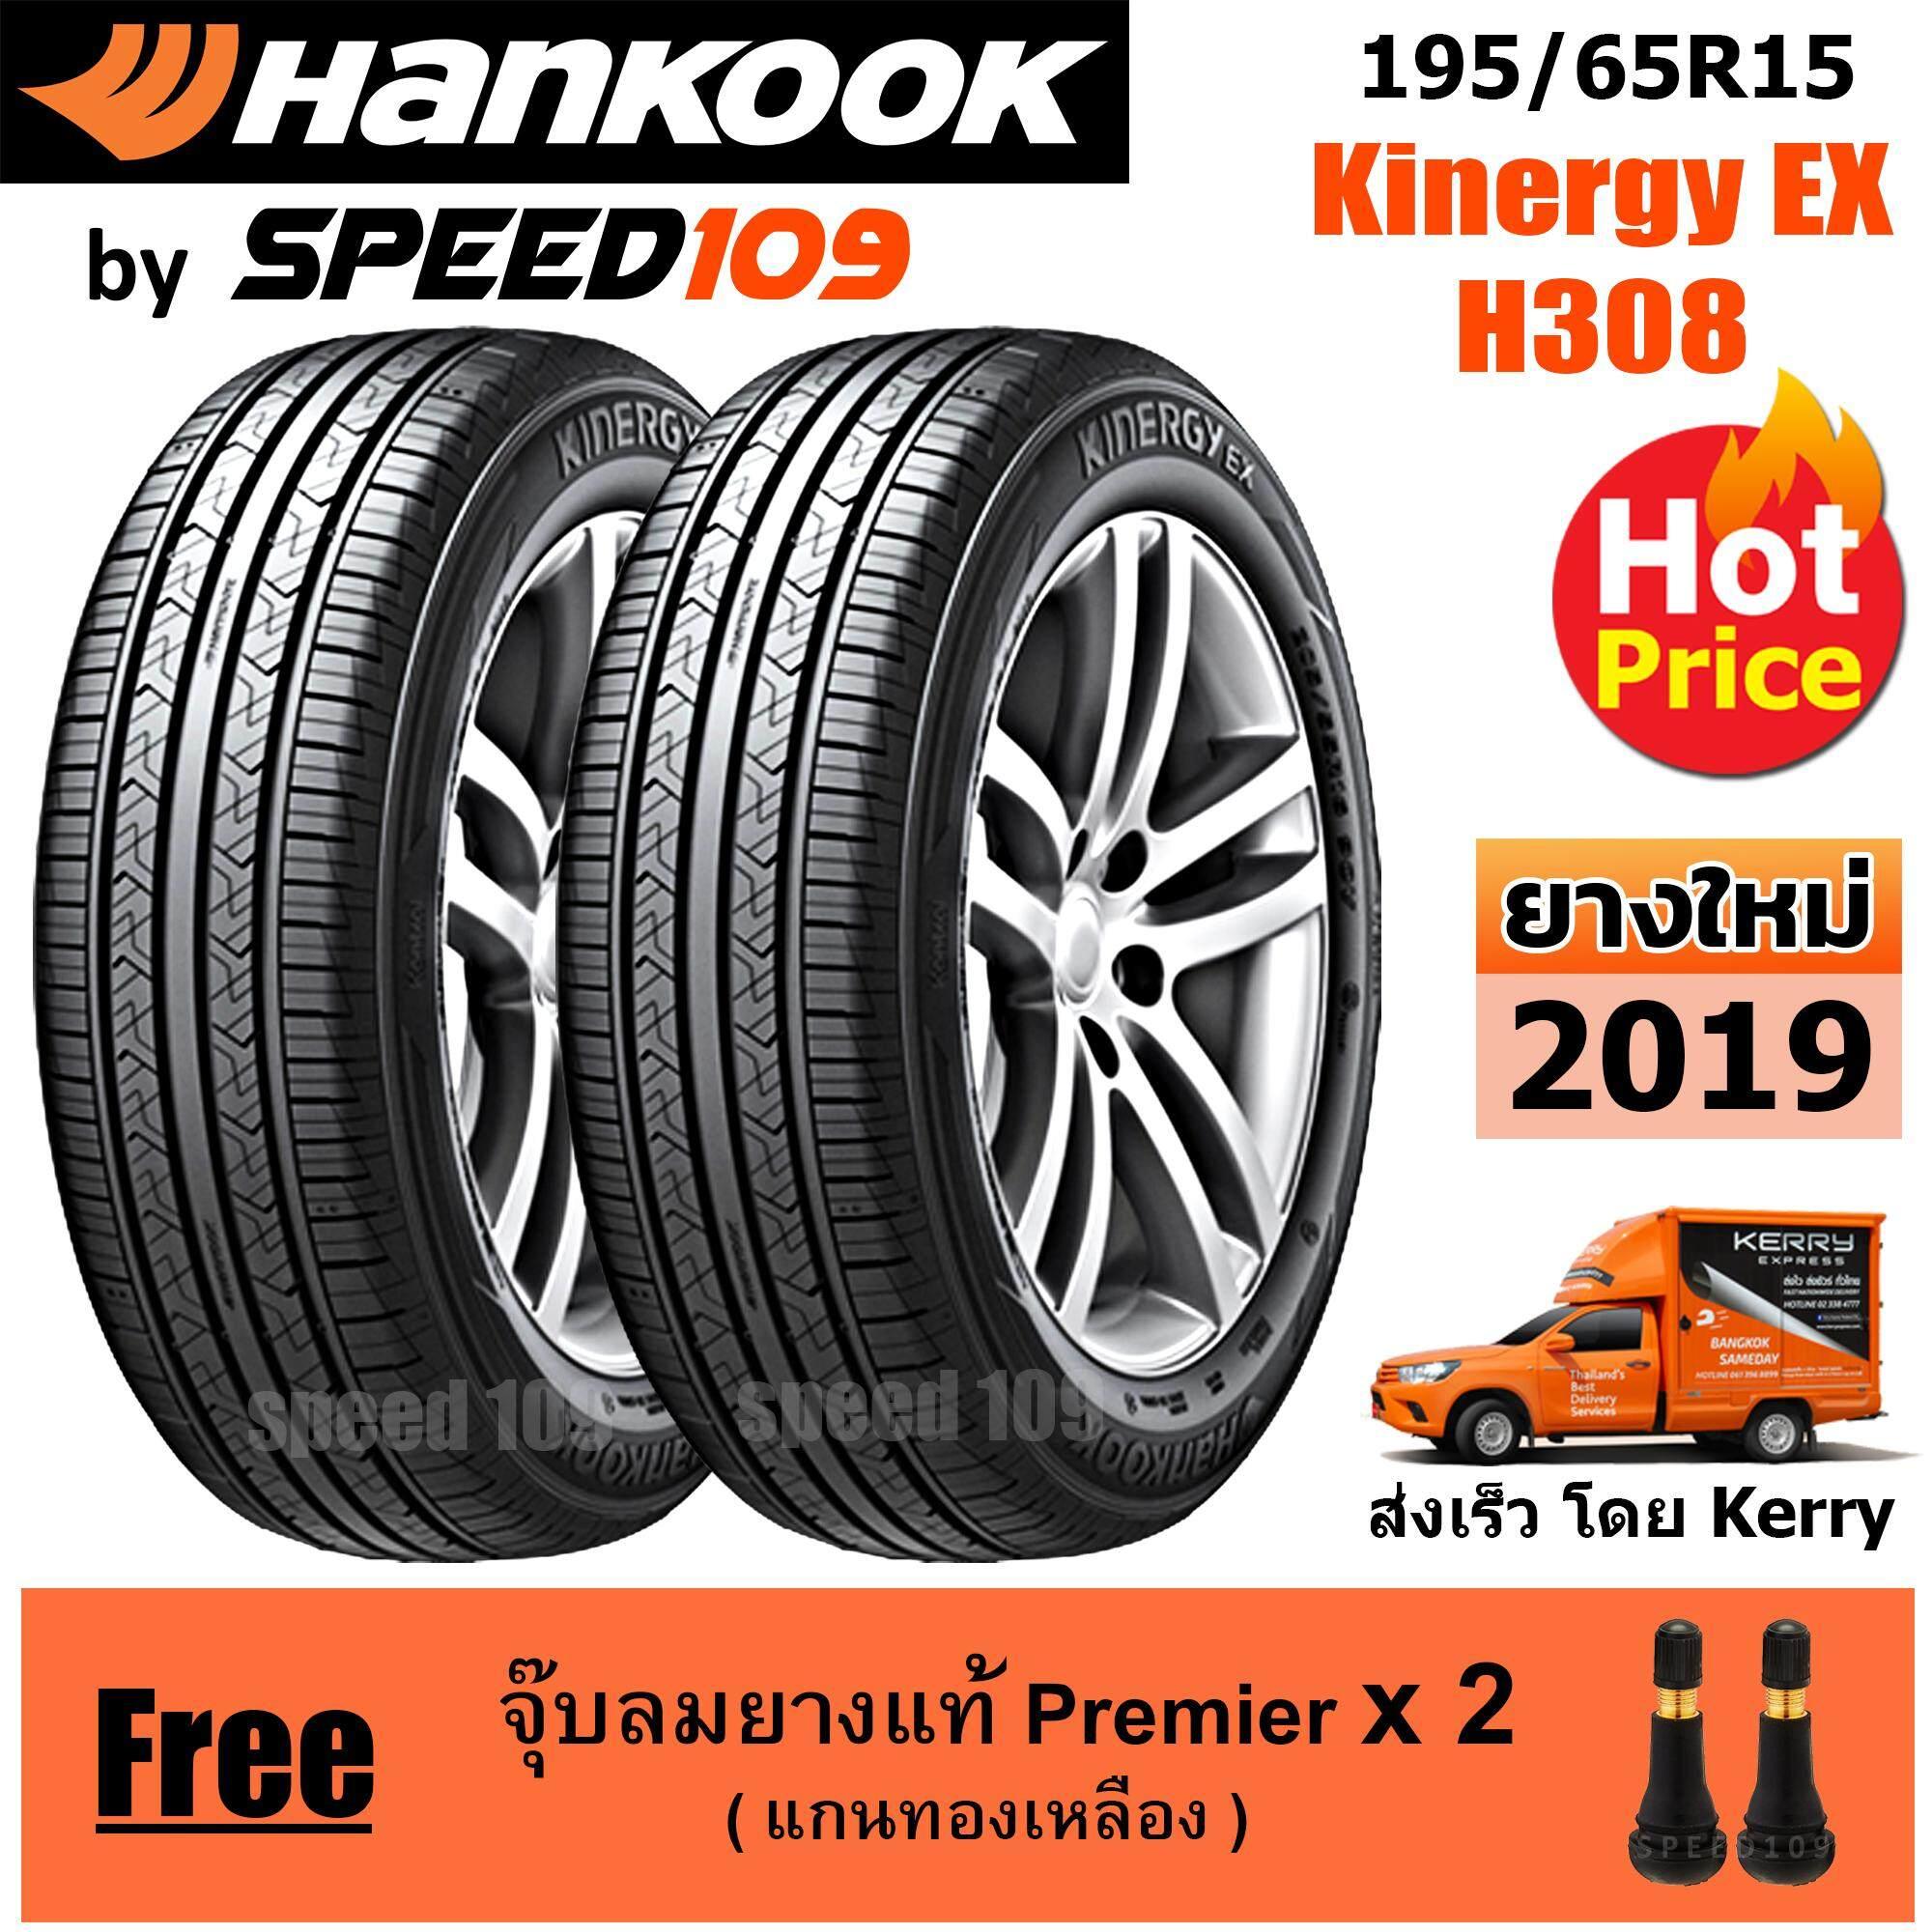 ประกันภัย รถยนต์ ชั้น 3 ราคา ถูก ชัยภูมิ HANKOOK ยางรถยนต์ ขอบ 15 ขนาด 195/65R15 รุ่น Kinergy EX H308 - 2 เส้น (ปี 2019)